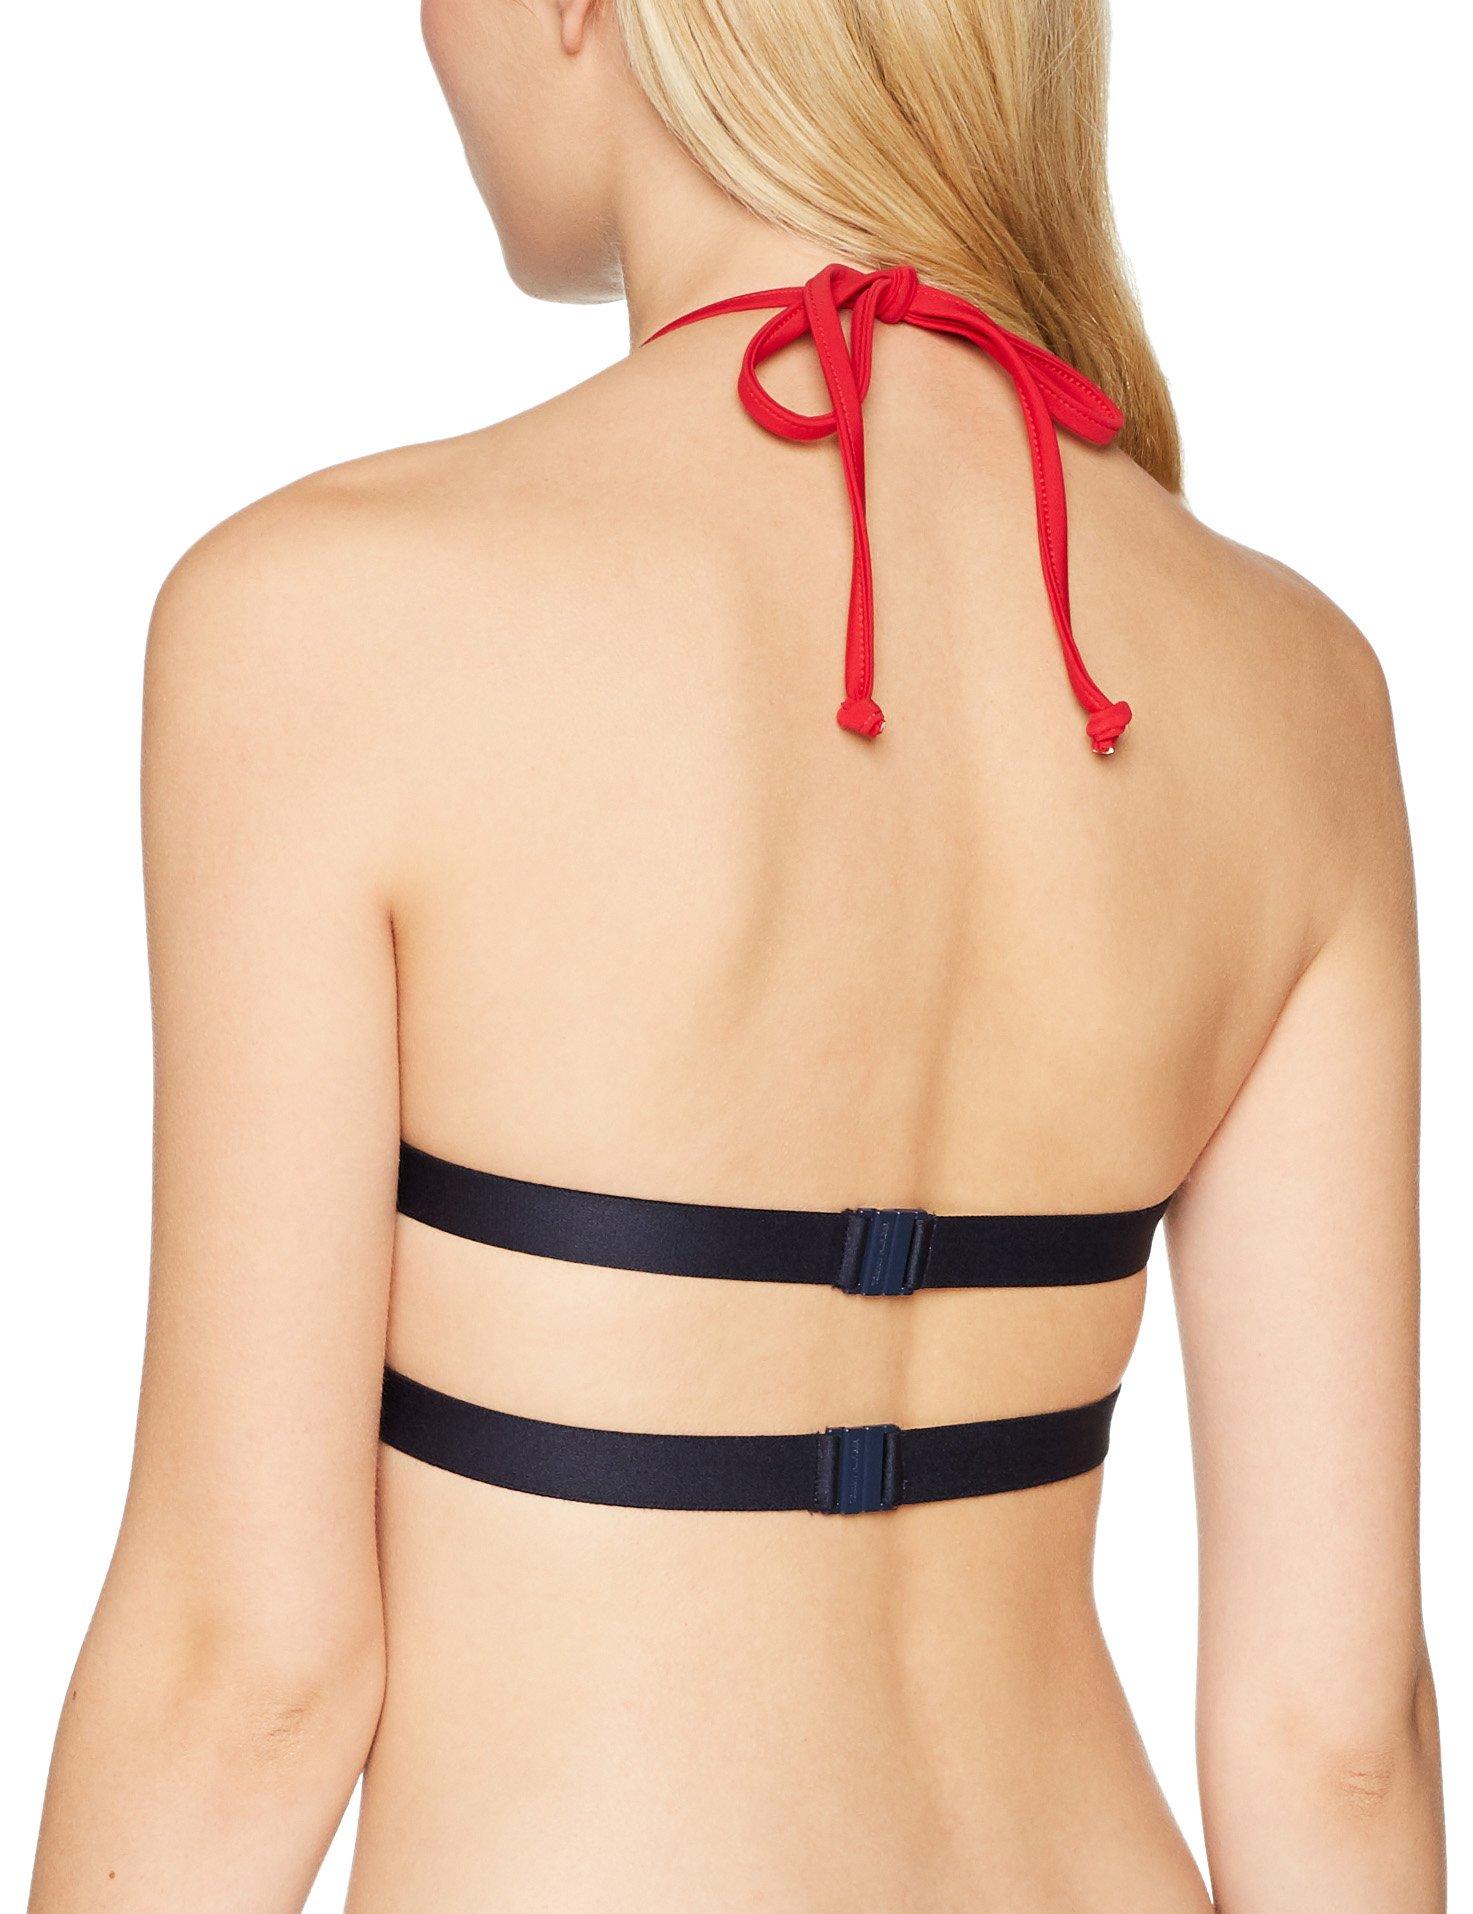 Tommy Hilfiger Crop Top Parte de Arriba de Bikini para Mujer